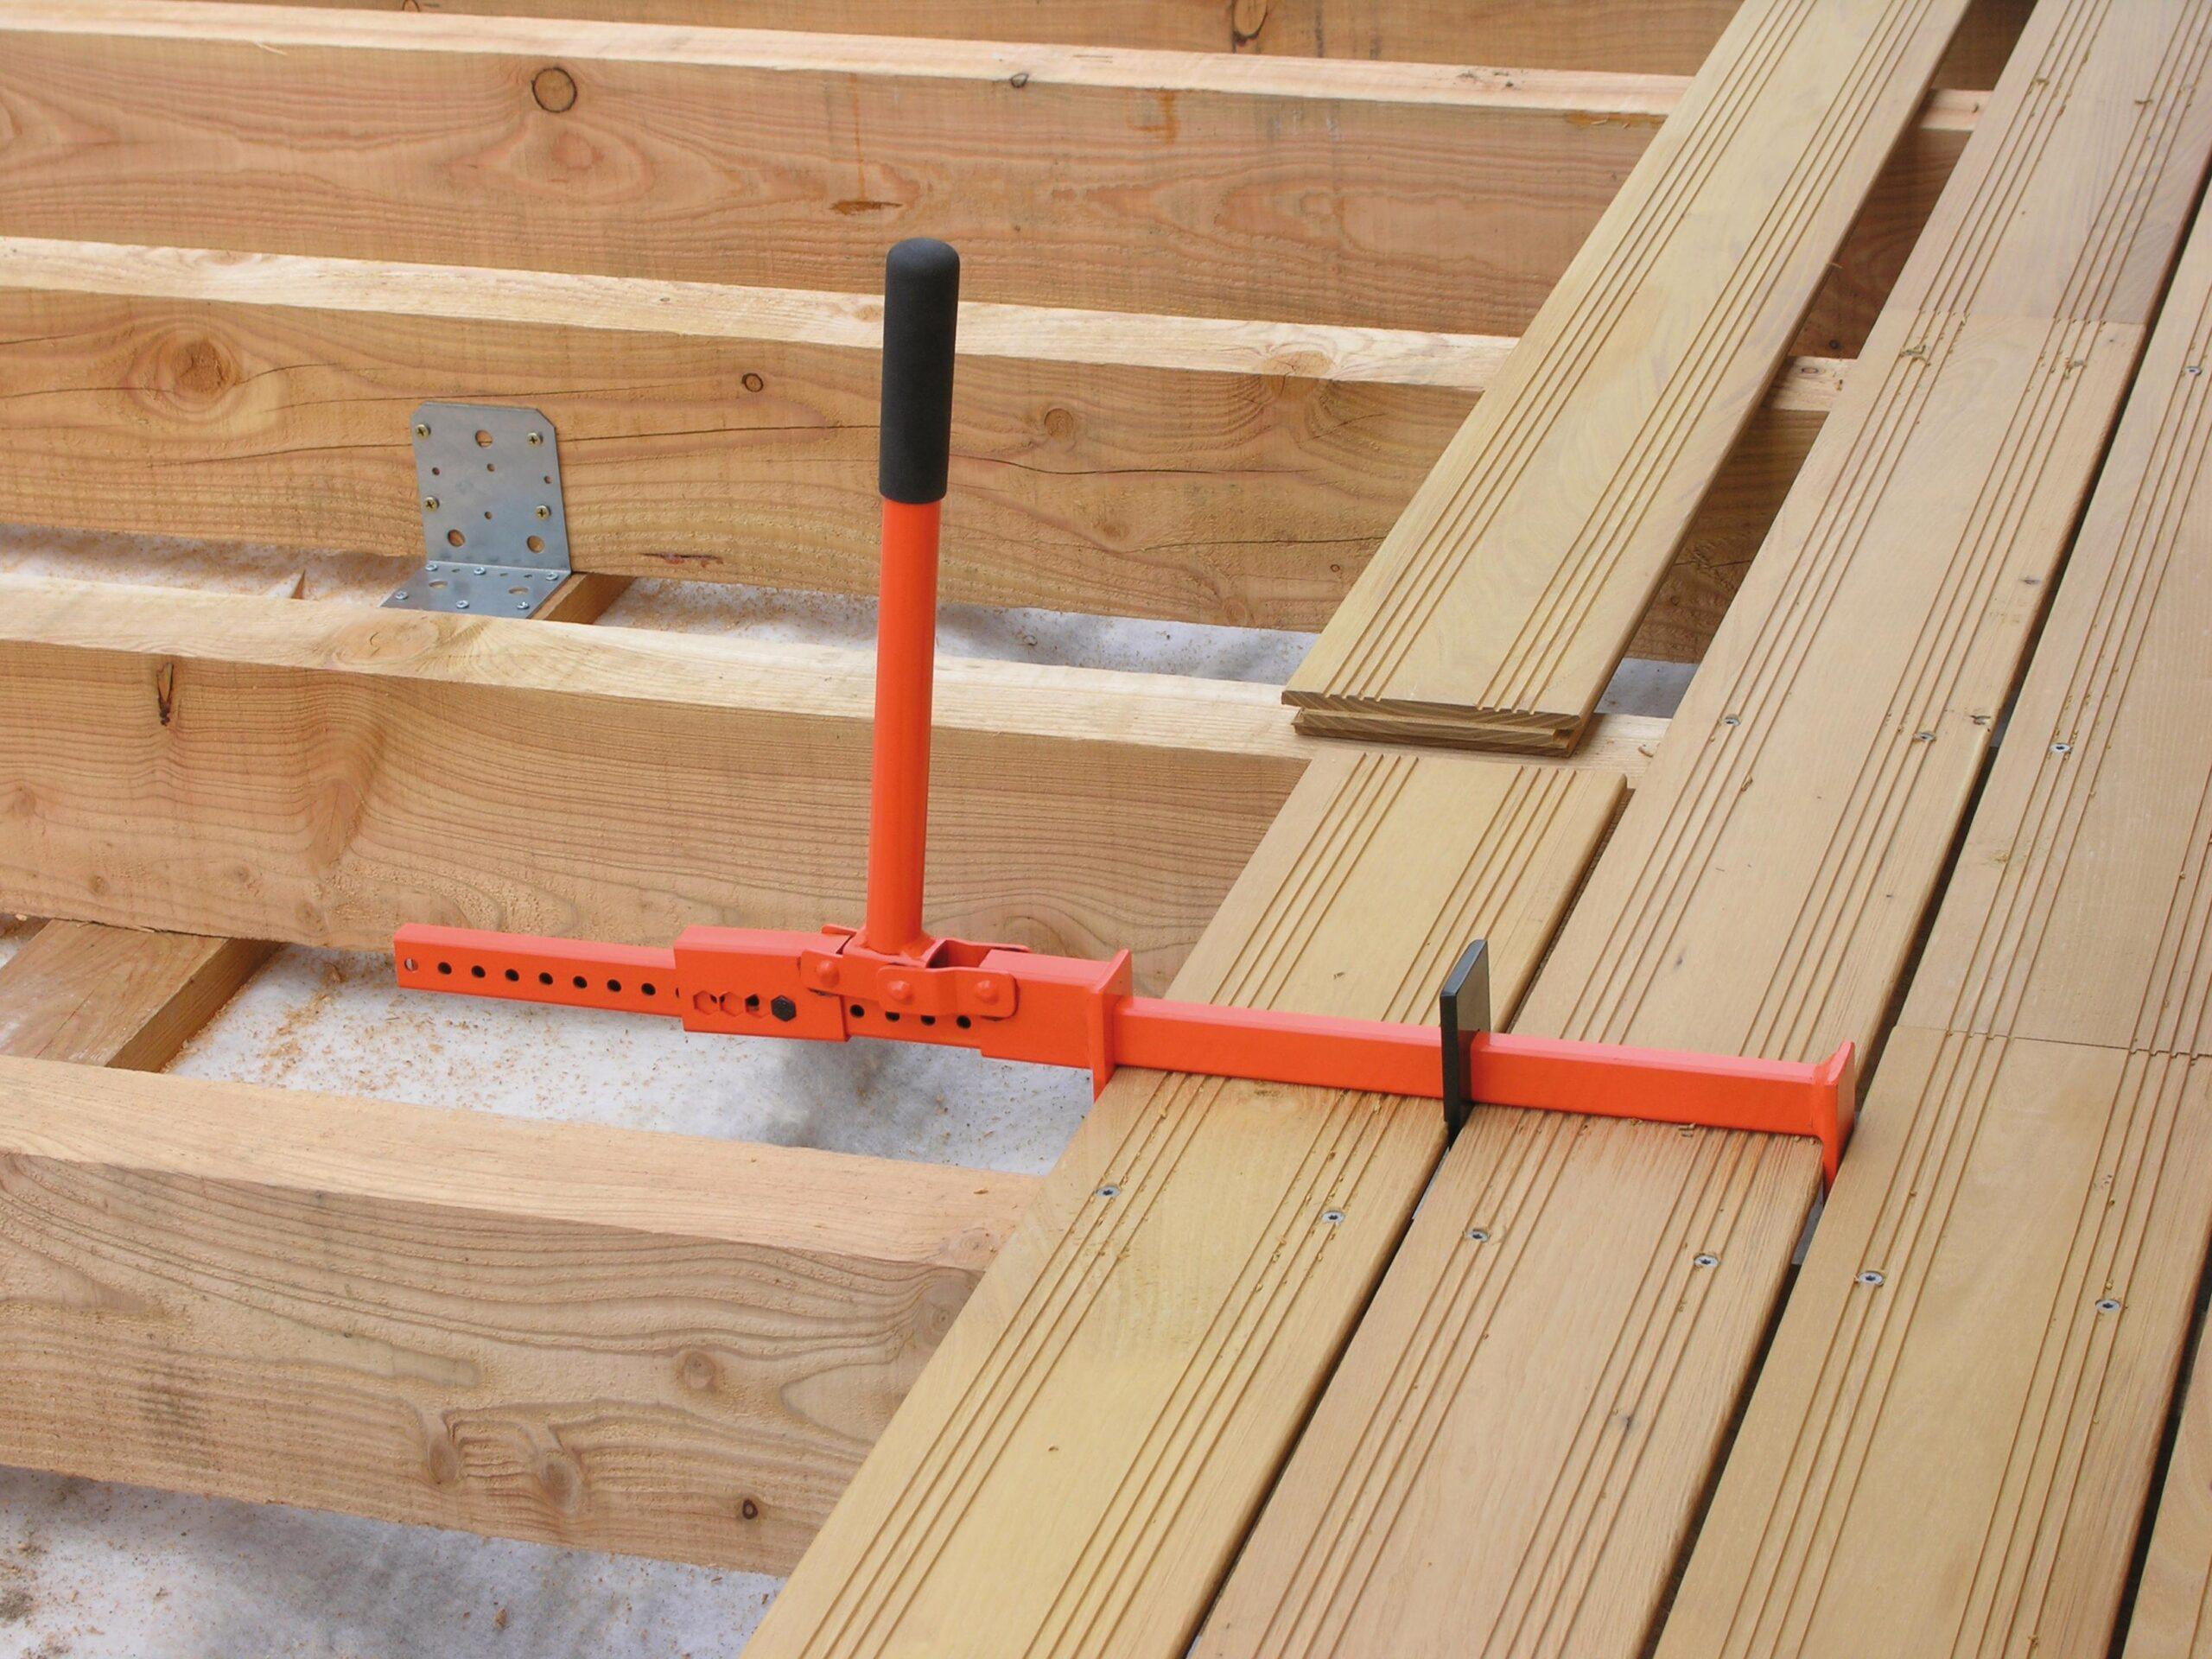 Приспособление для монтажа террасной доски, пола и обшивки стен